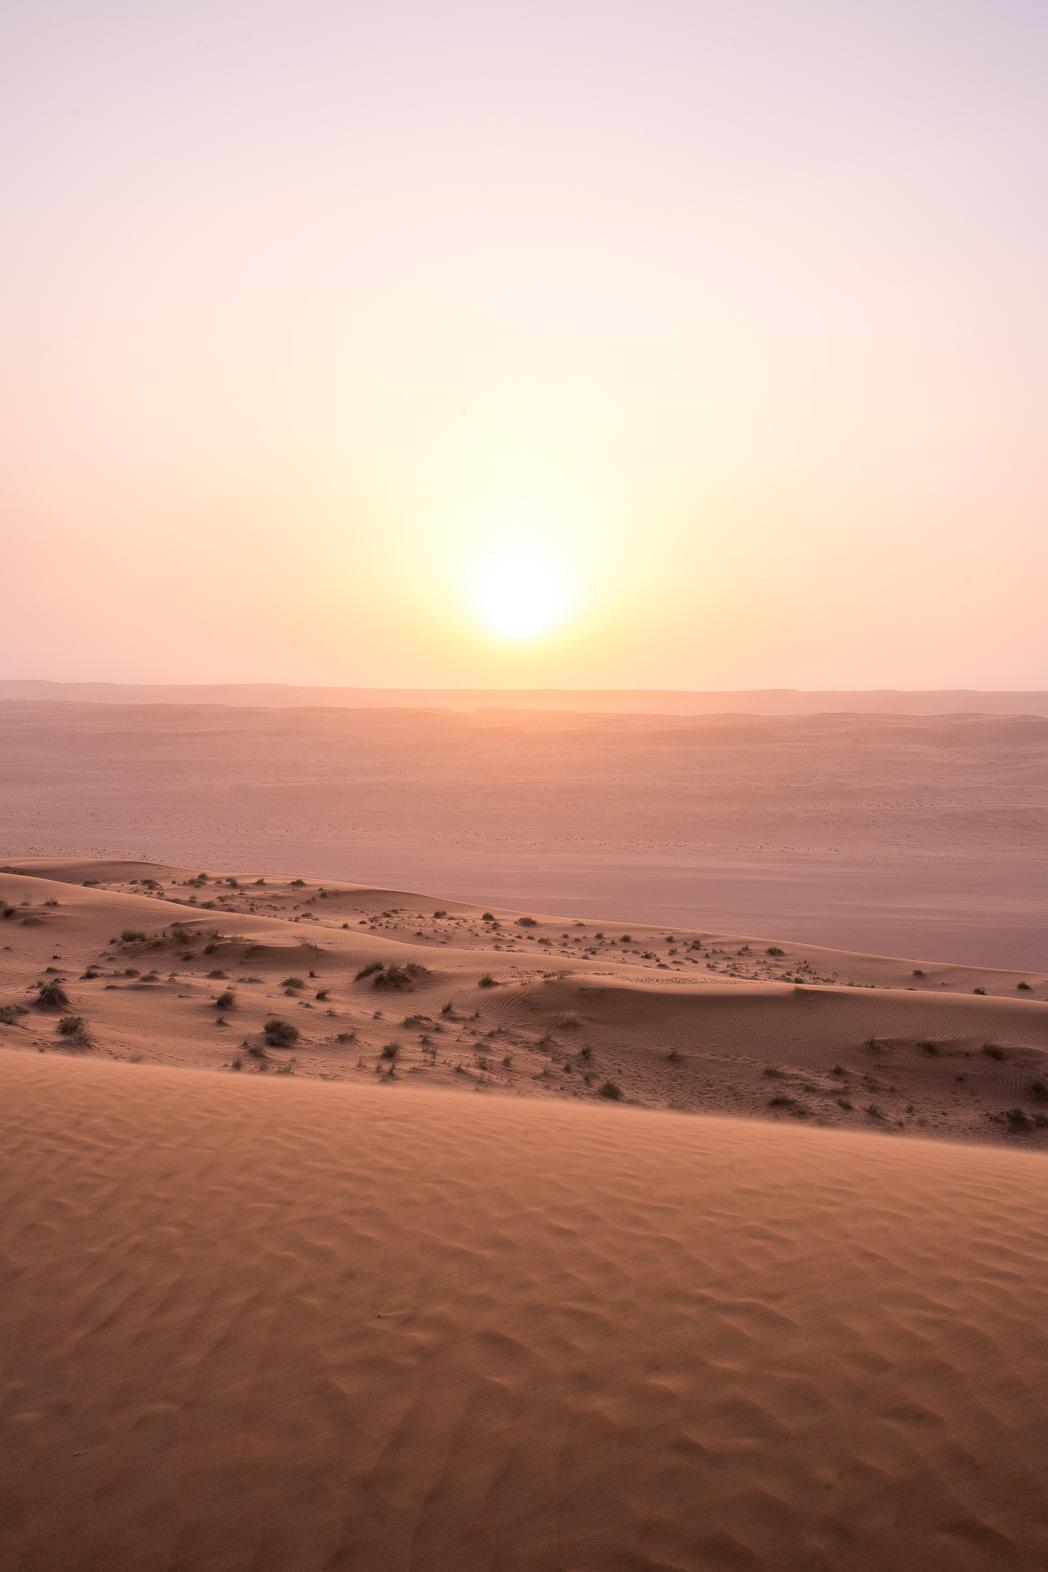 Stacie Flinner Hud Hud Travels Glamping Oman-9.jpg